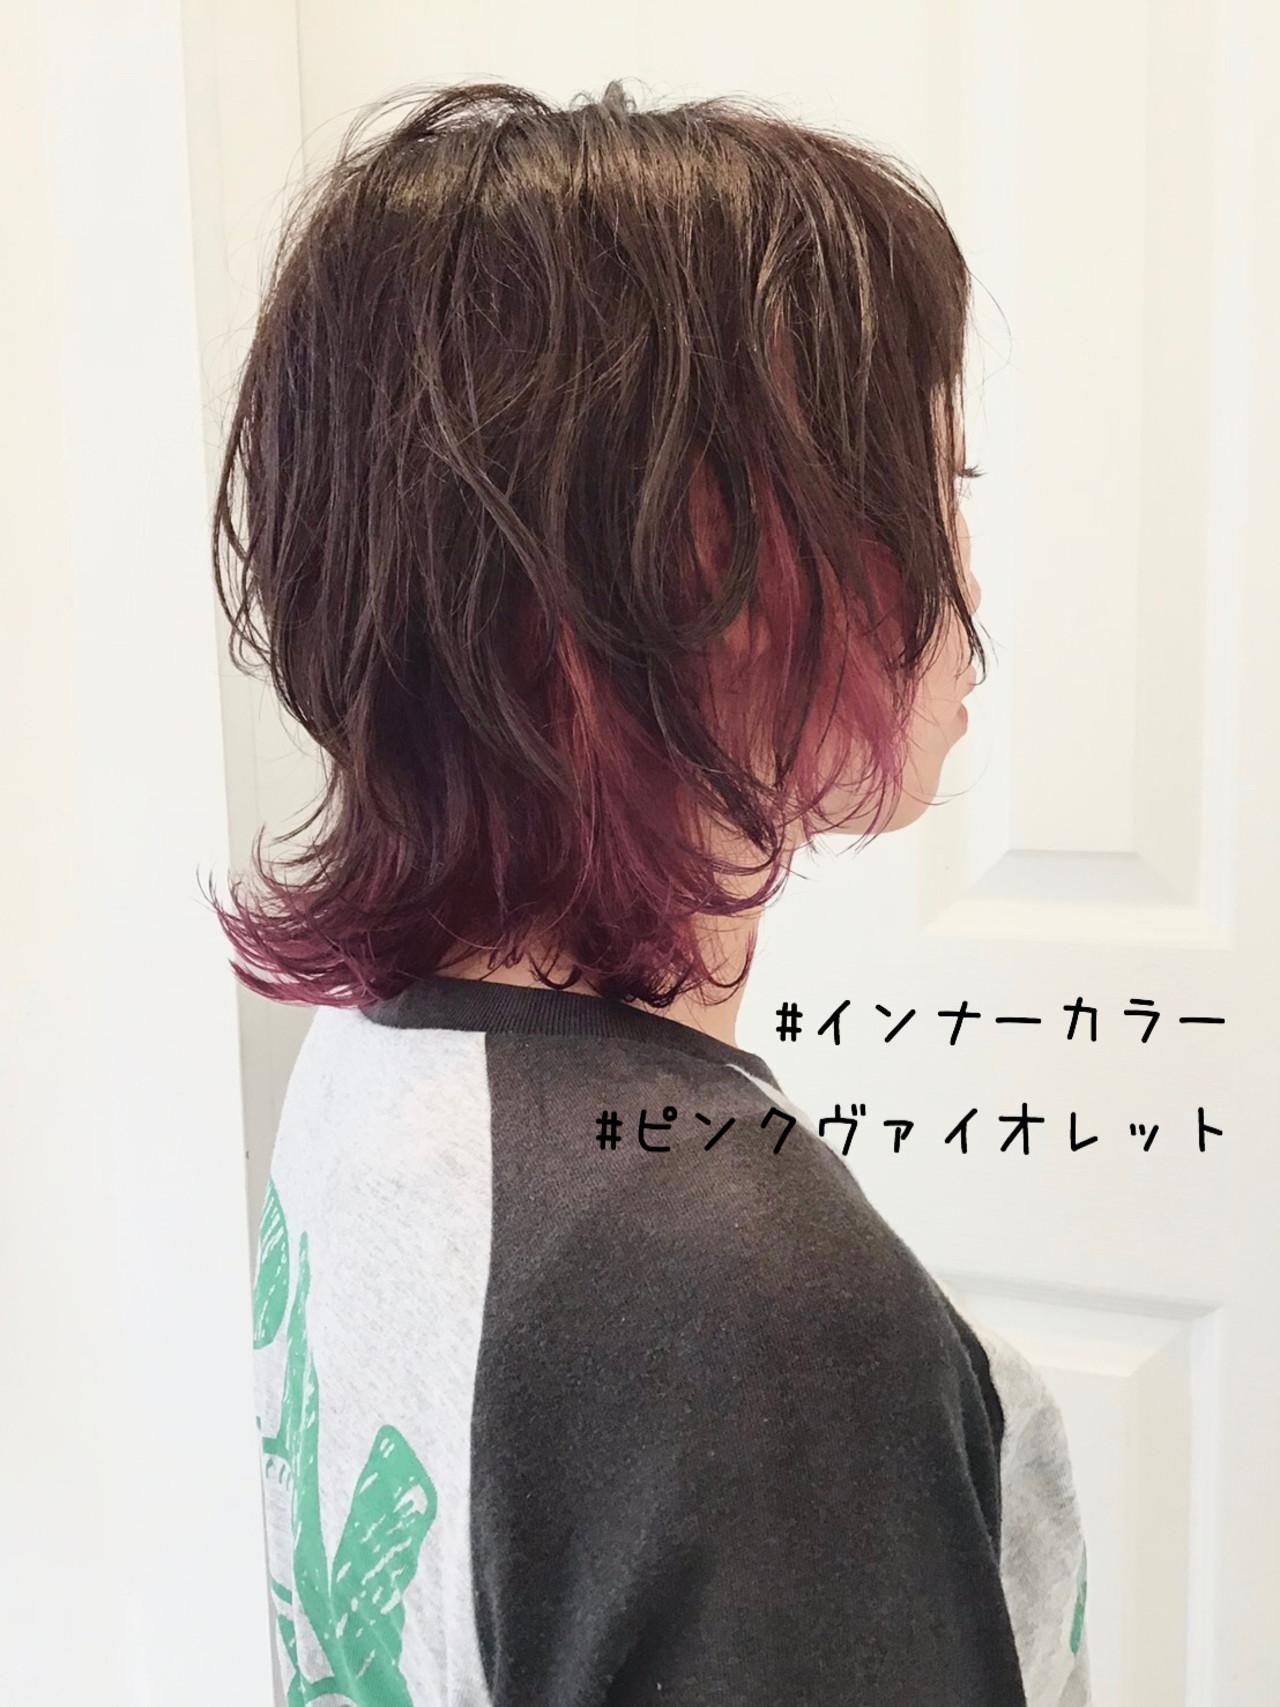 ミディアム ショートヘア ウルフカット ストリートヘアスタイルや髪型の写真・画像